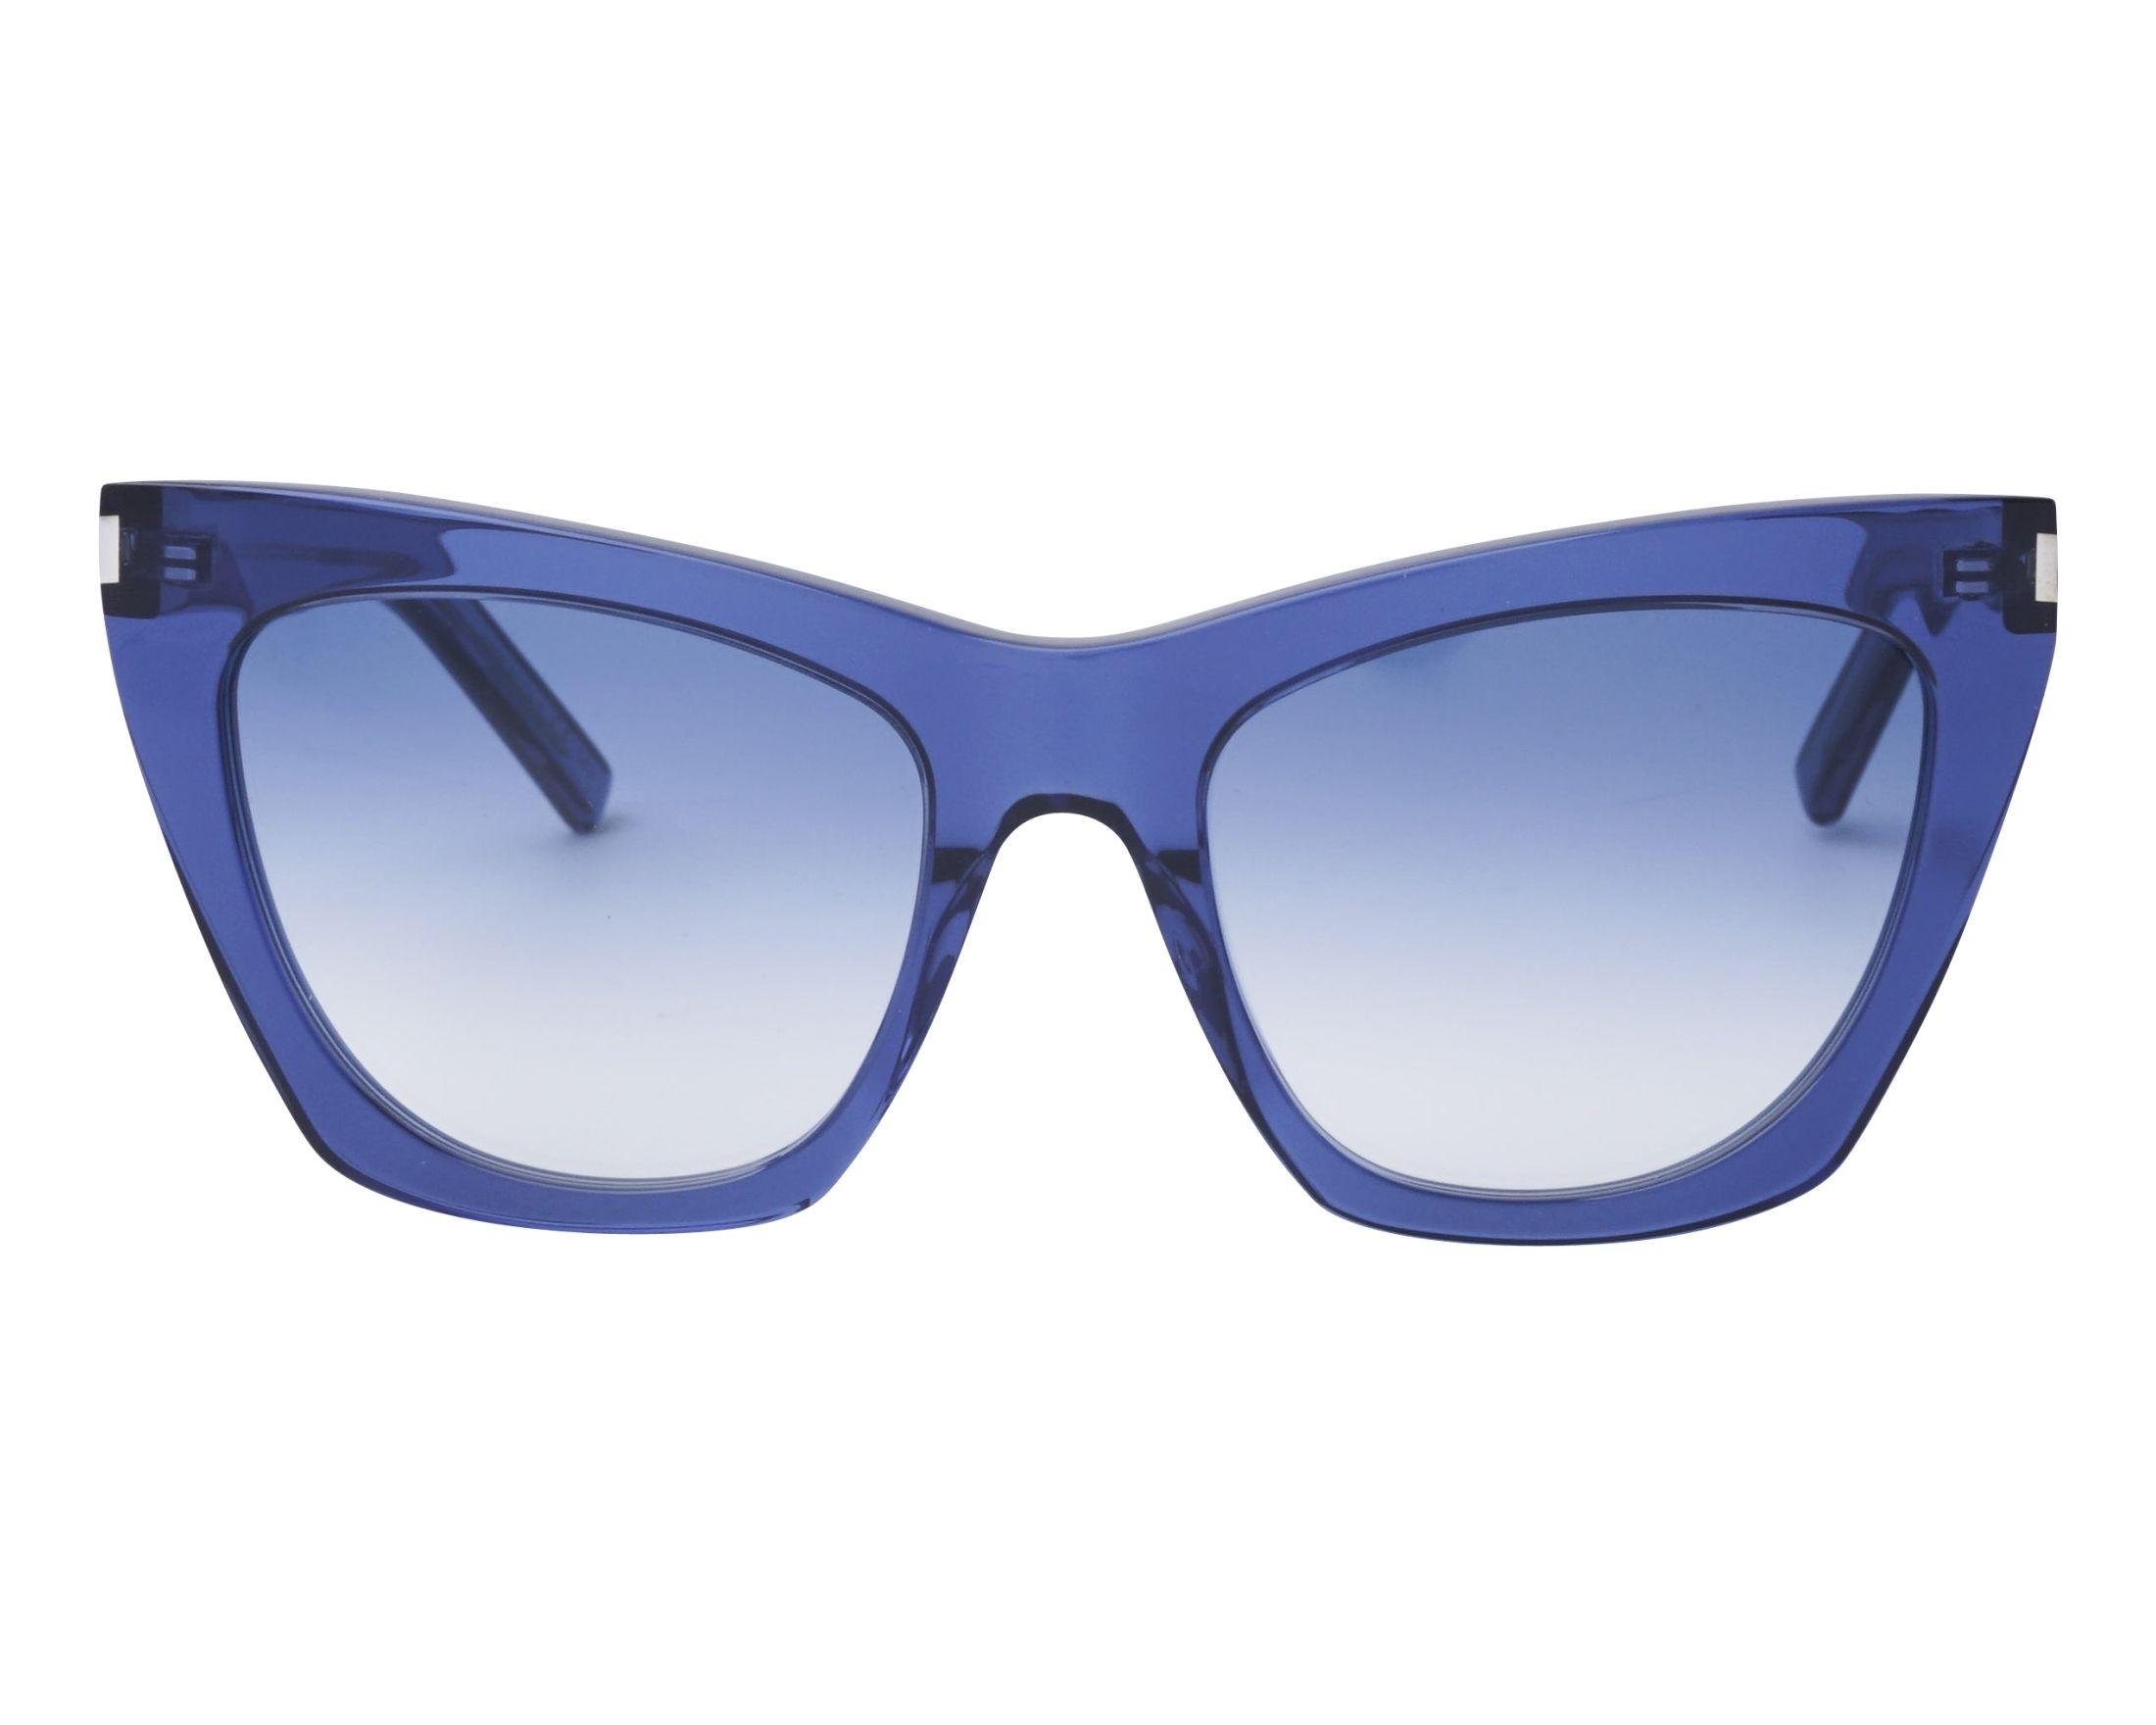 279a3a77b86 Sunglasses Yves Saint Laurent SL-214 002 55-20 Blue front view